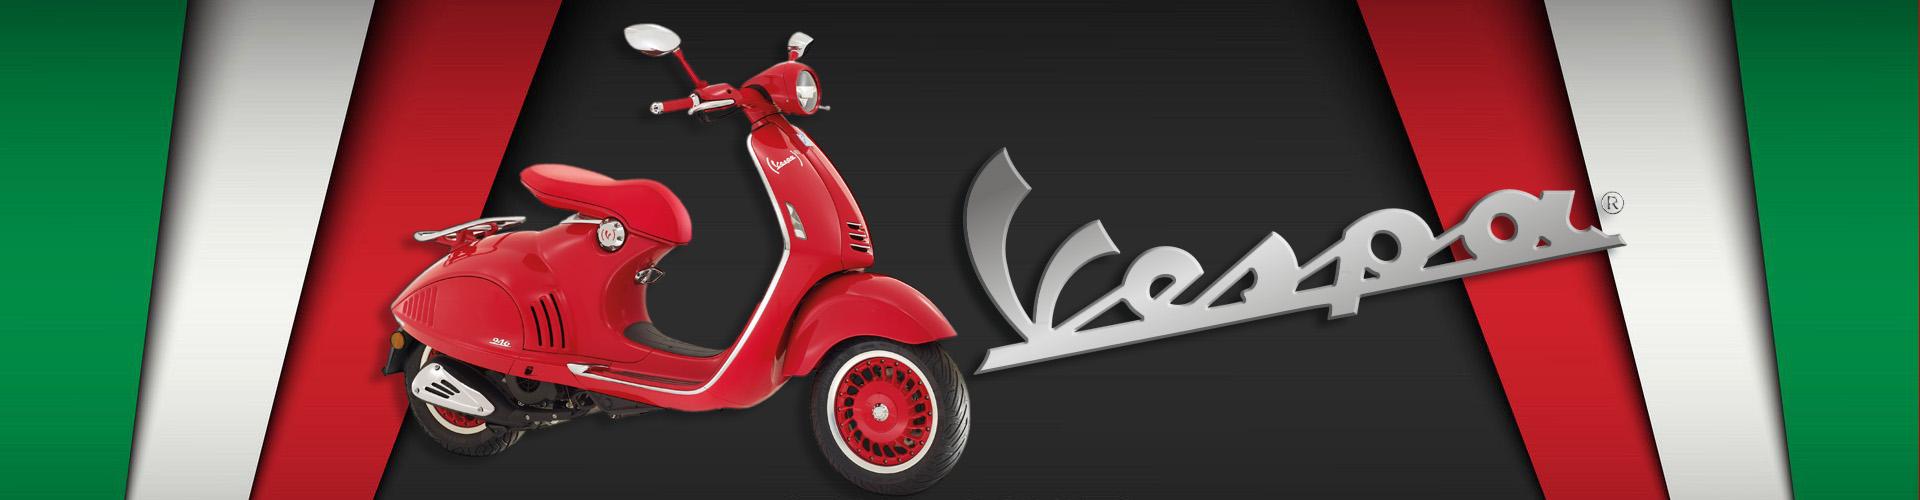 CocMotors Vespa